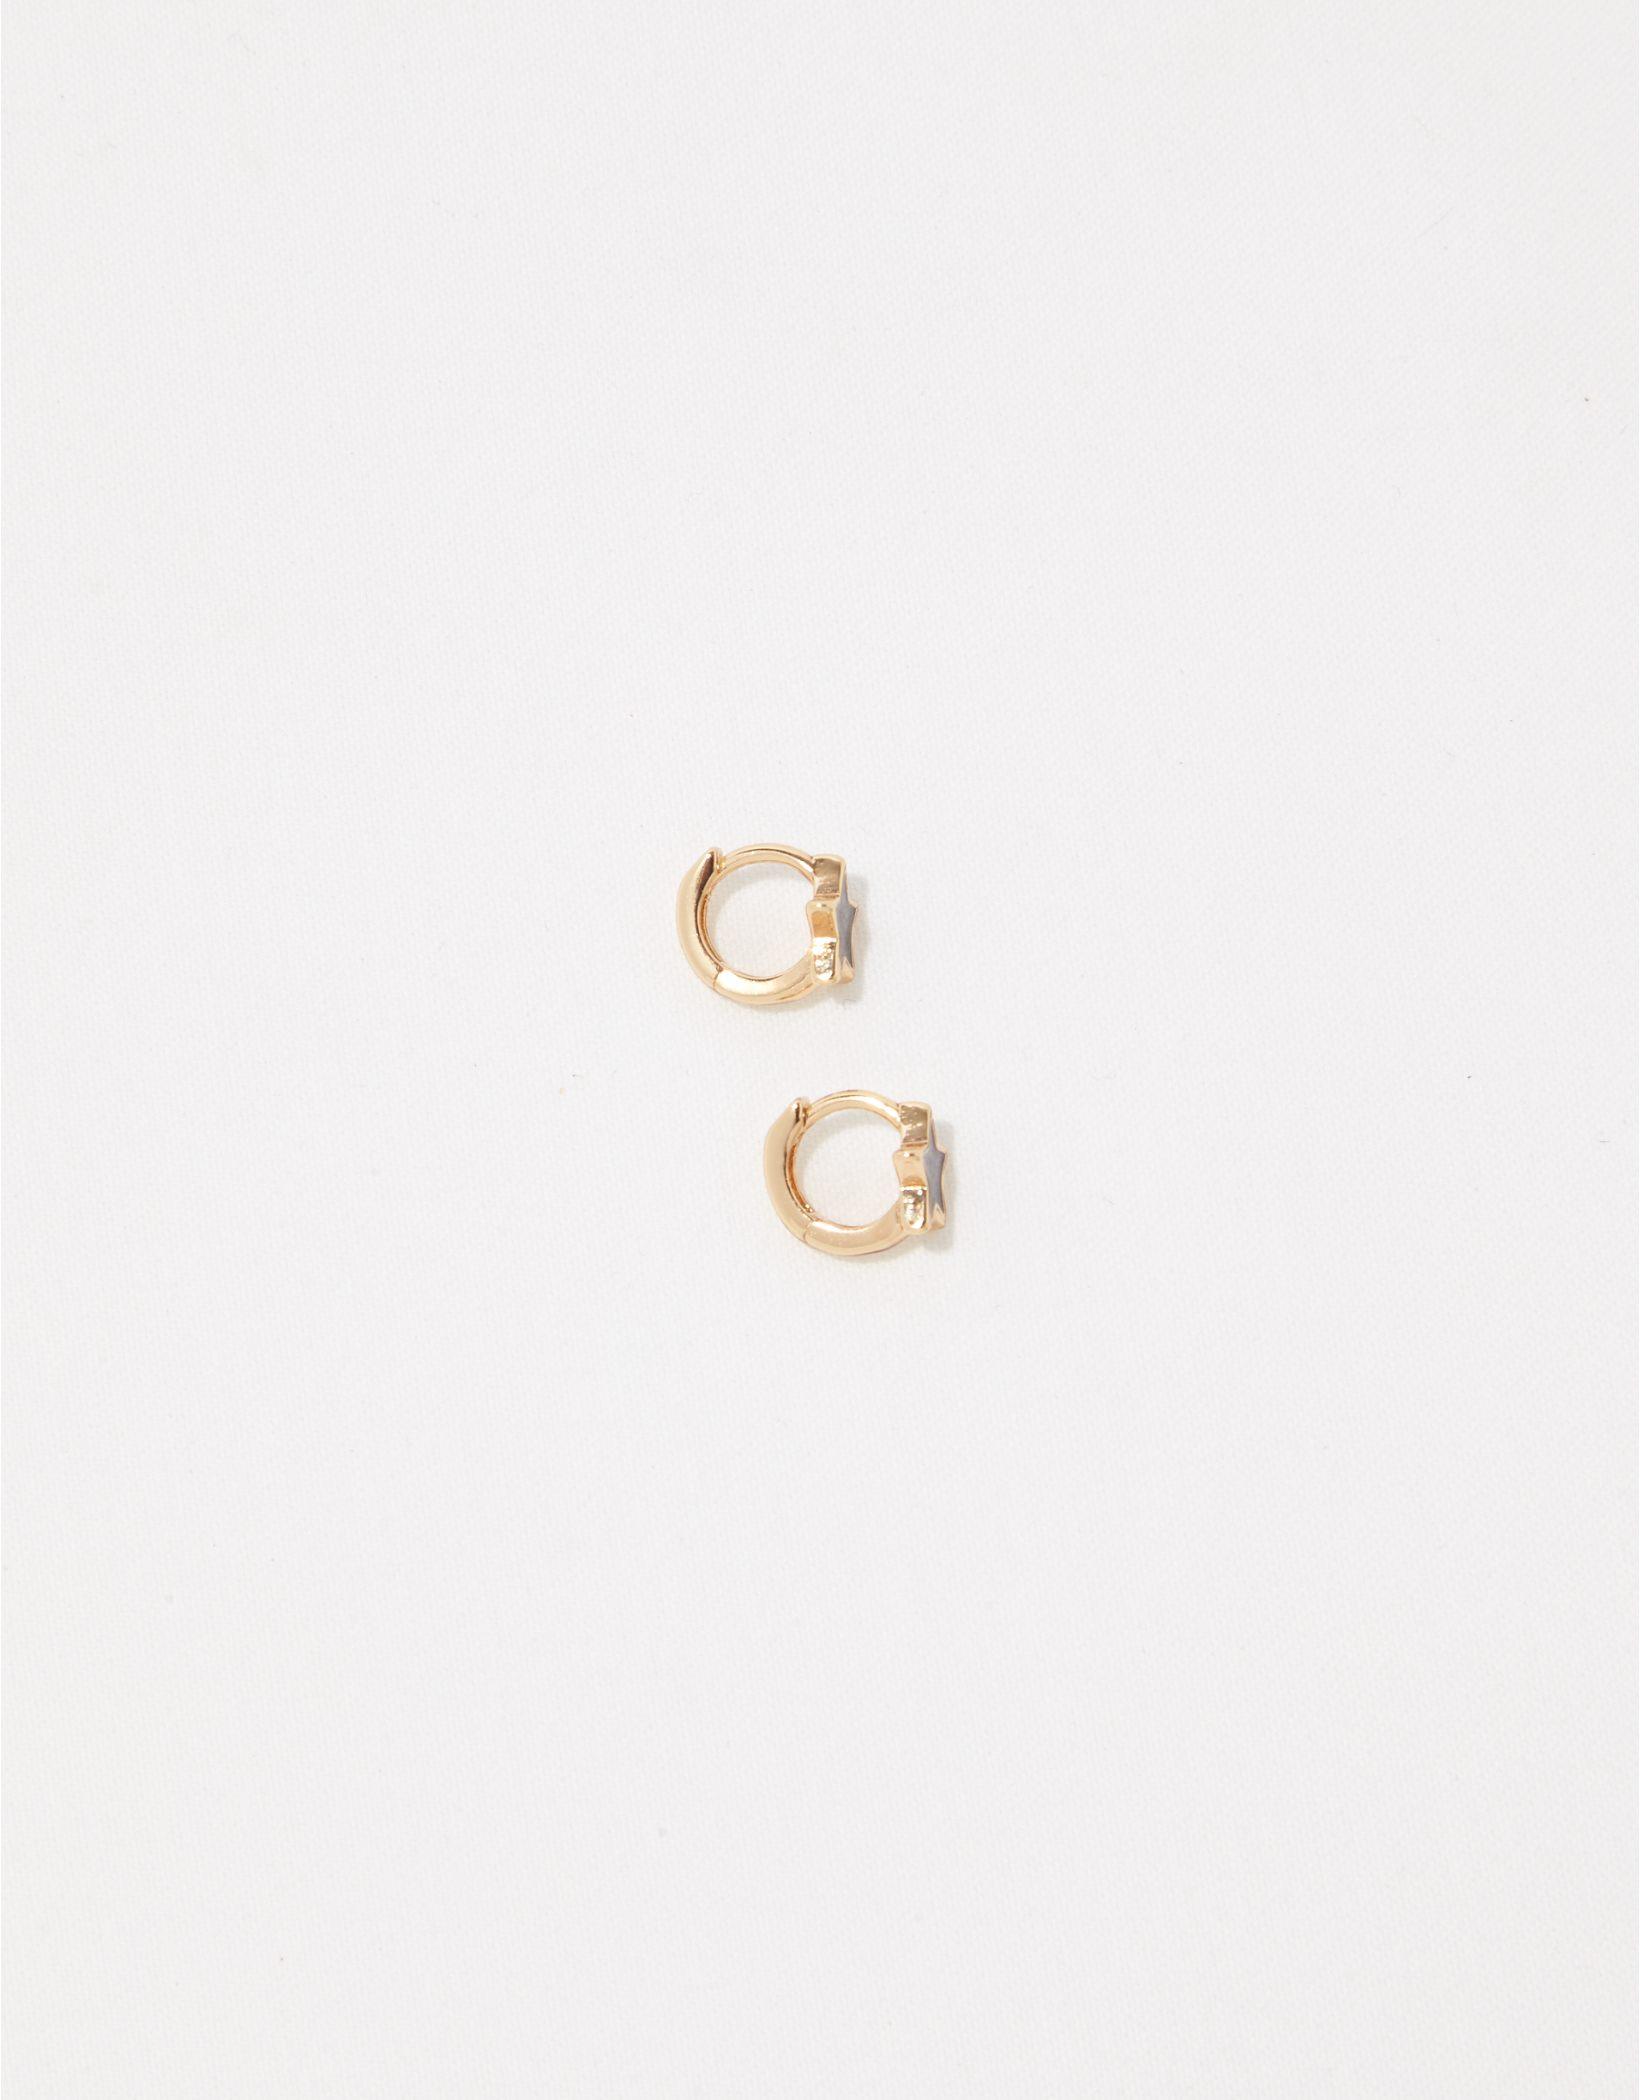 Aerie Enamel Star Huggie Earrings